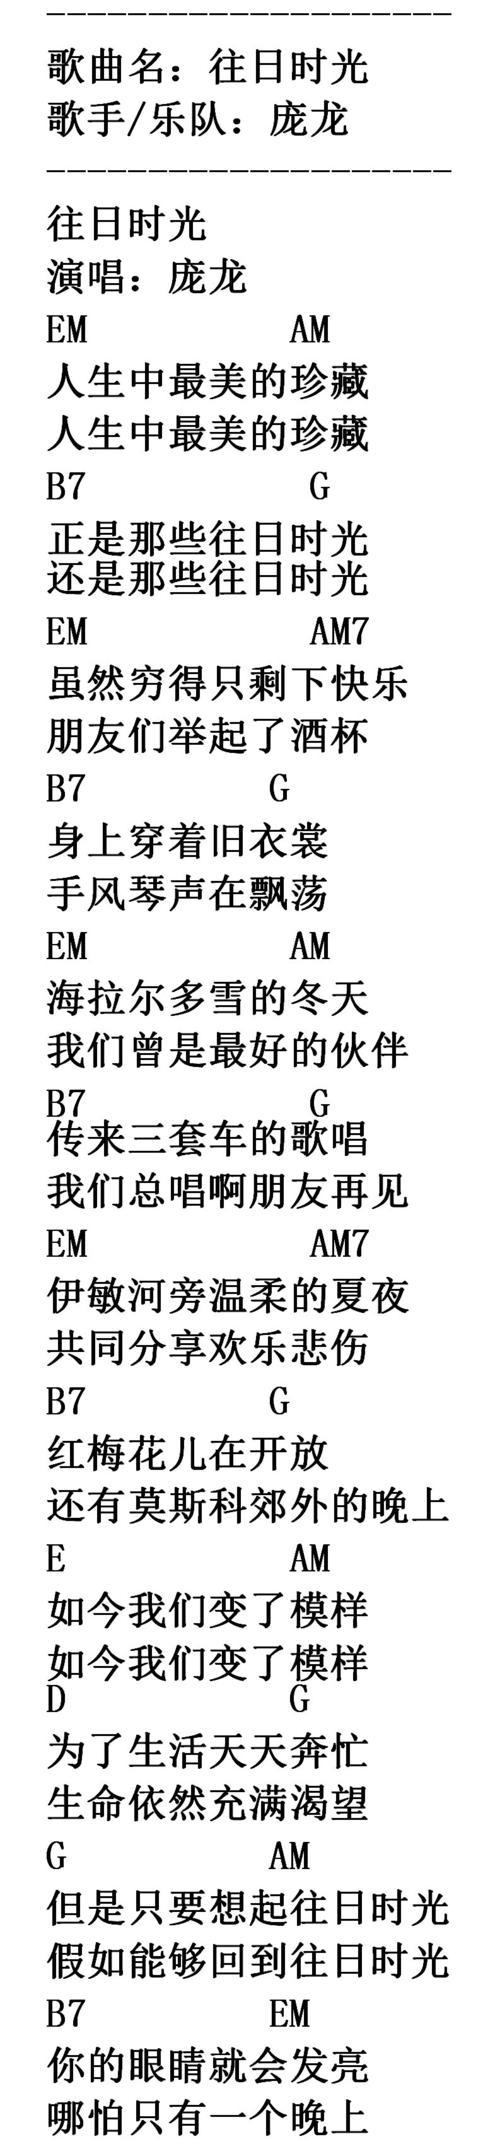 大红袍志中情-庞龙(MP3歌词/LRC歌词) lrc歌词下载 第1张